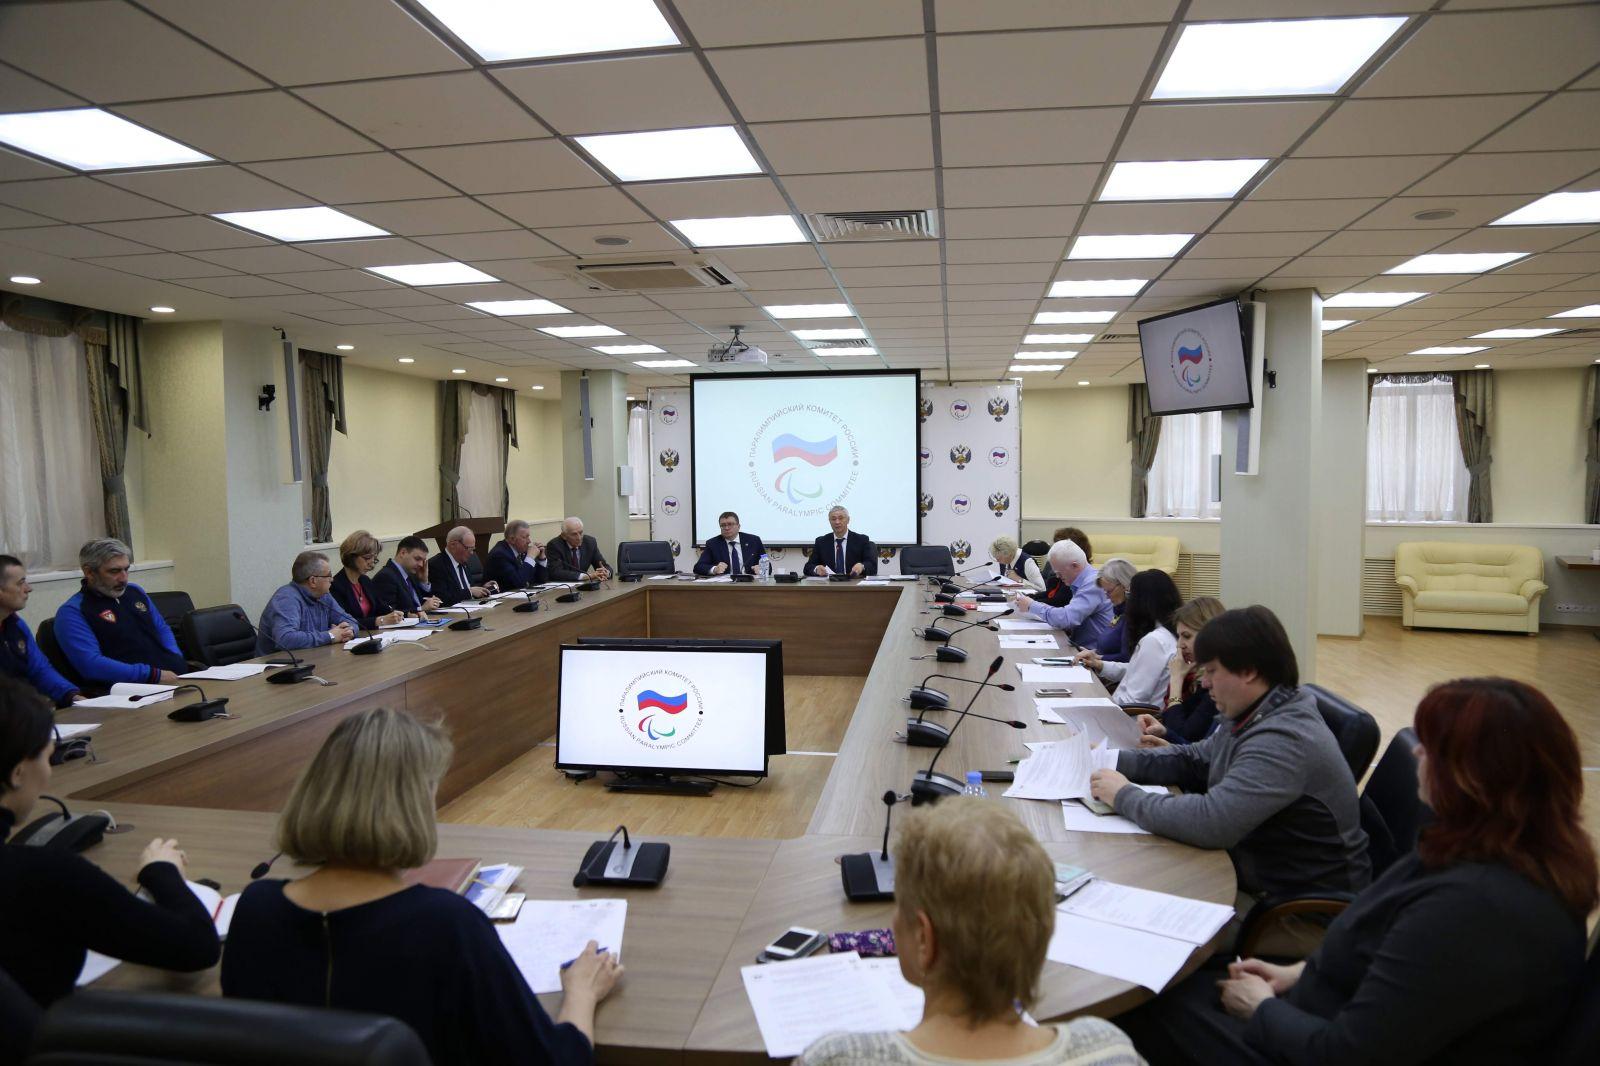 П.А. Рожков в офисе ПКР провел совместное заседание бюро Рабочих групп ПКР по подготовке к участию в Паралимпийских играх 2020 г. в г. Токио и Паралимпийских играх 2022 г. в г. Пекин